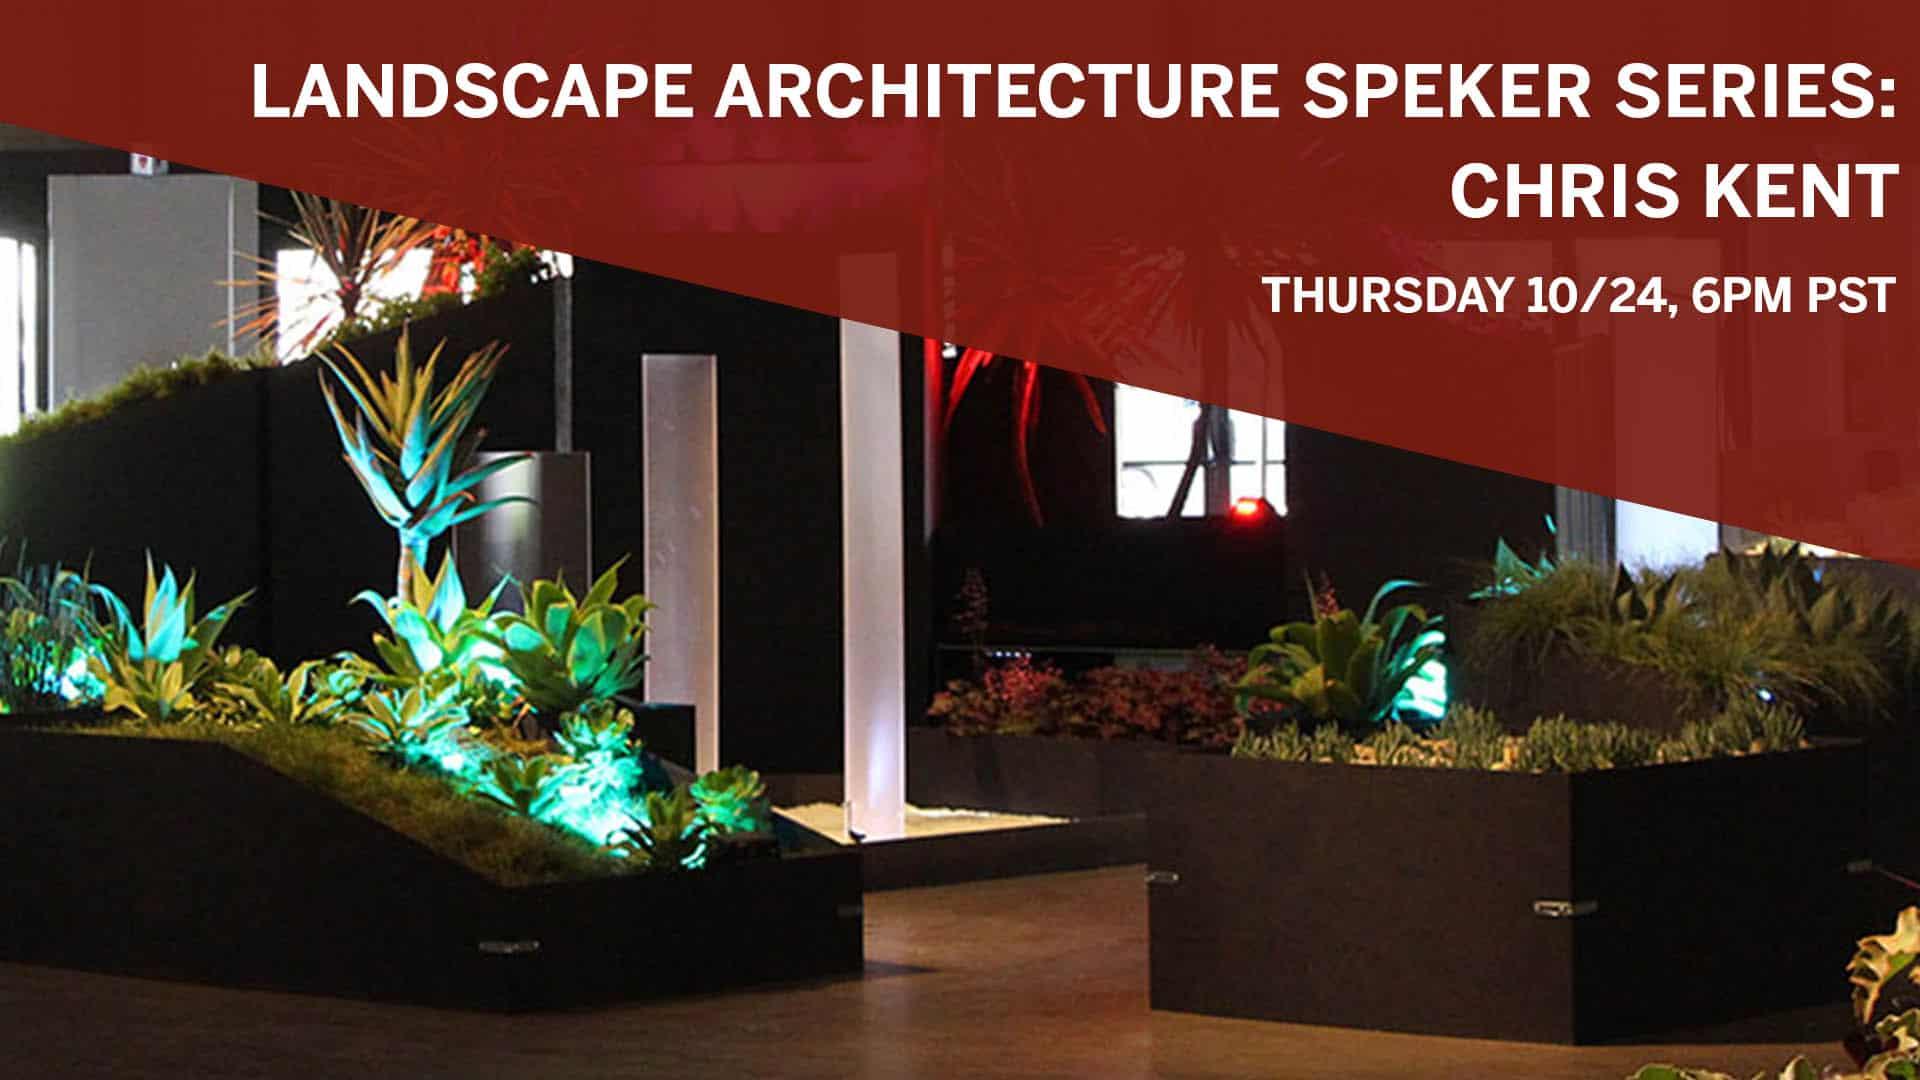 Landscape Architecture Speaker Series: Chris Kent